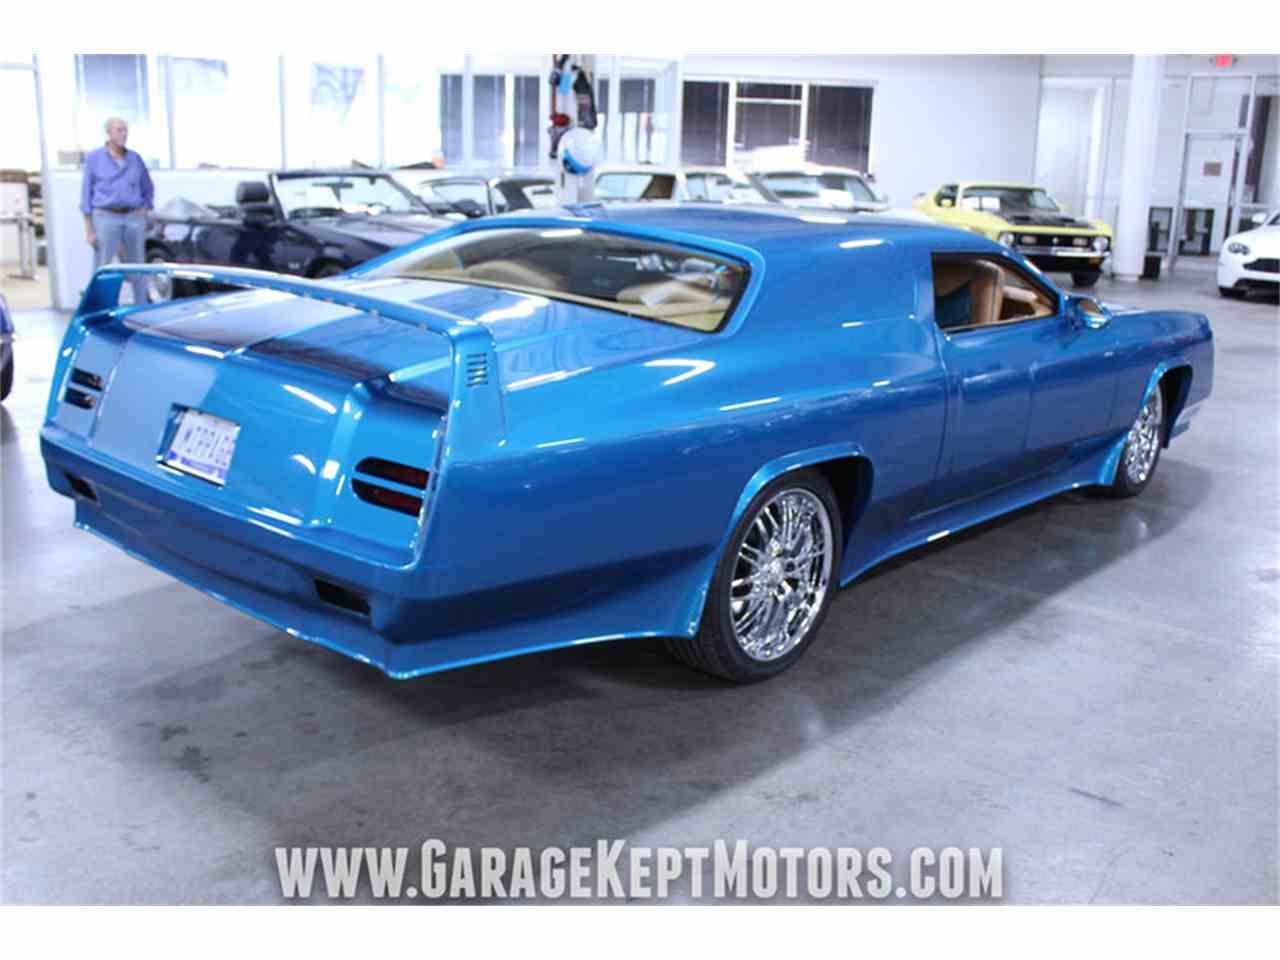 Large Picture of '78 Dodge Magnum - $119,900.00 Offered by Garage Kept Motors - MDQ7